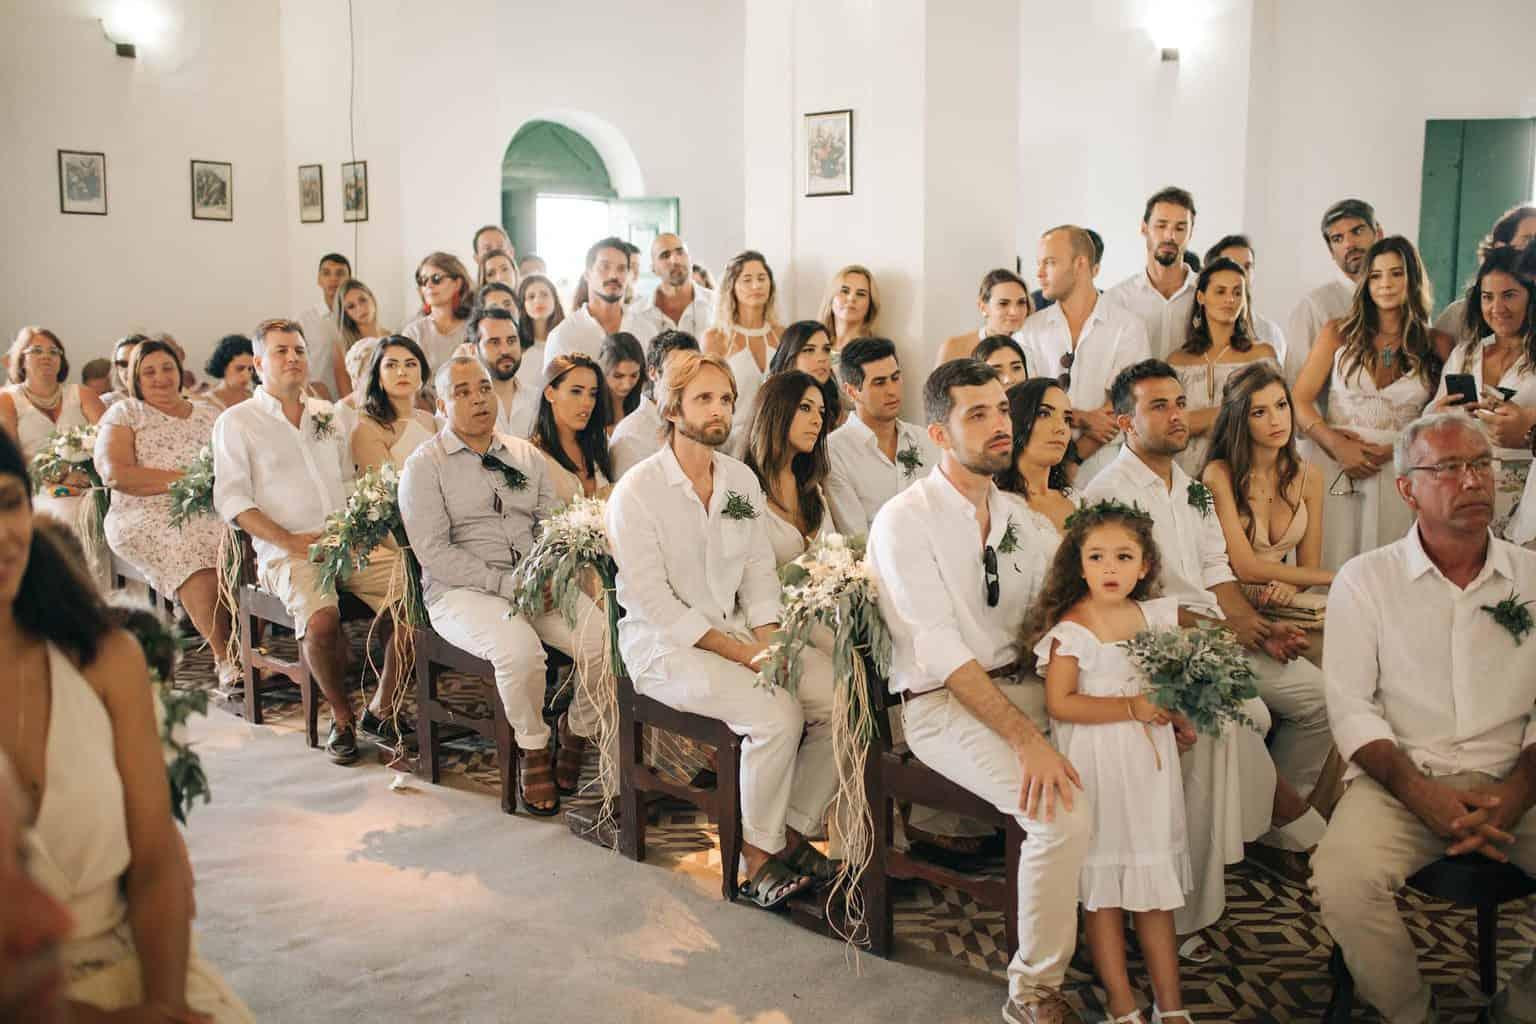 casamento-Danielle-e-Guilherme-aloha-fotografia-caseme-90